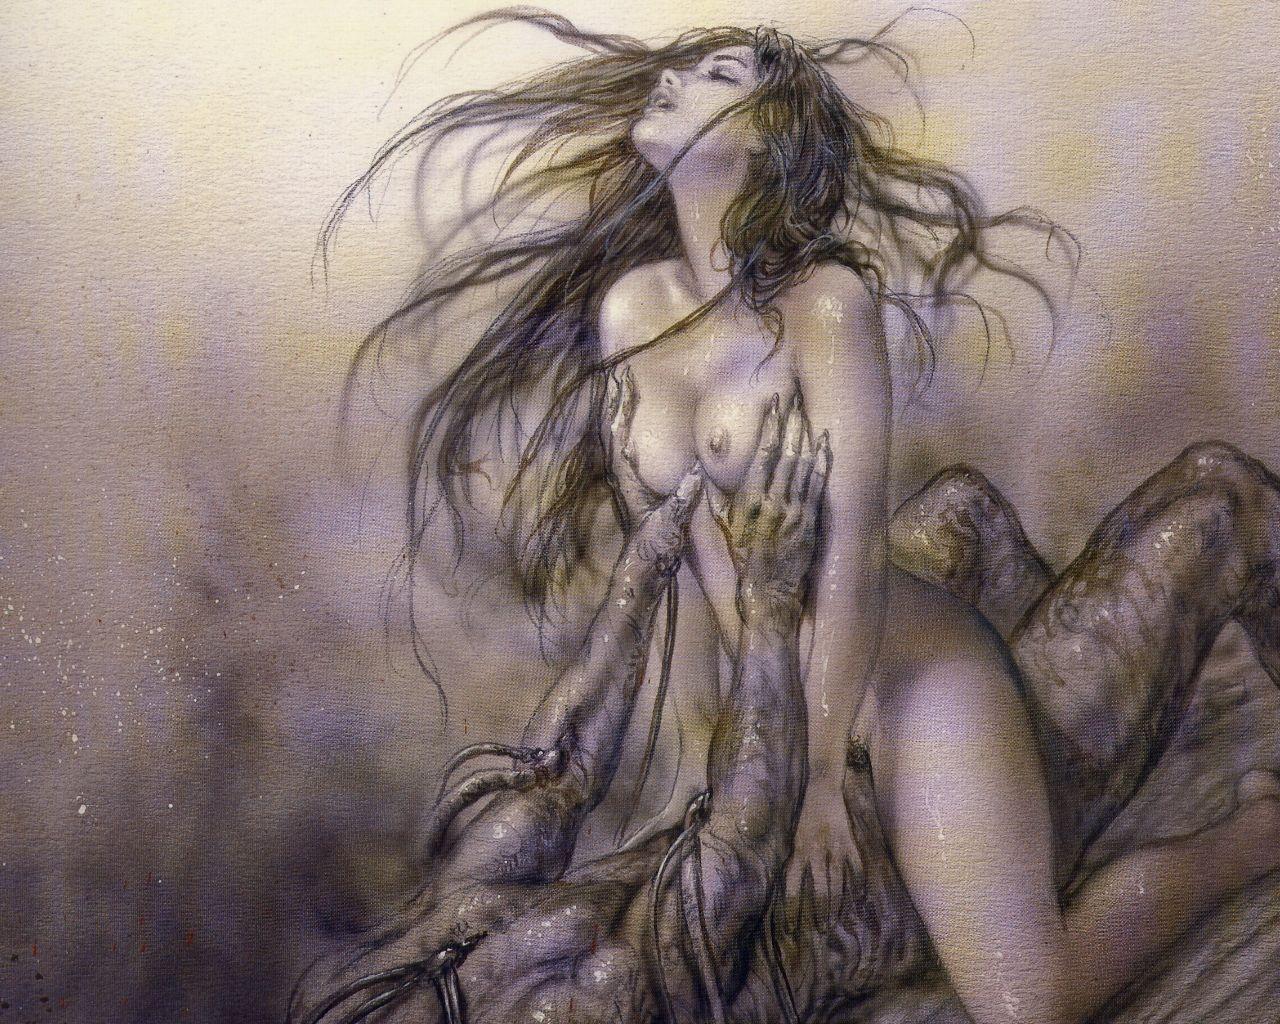 erotic-fantasy-sex-drawing-lily-allen-nude-photos